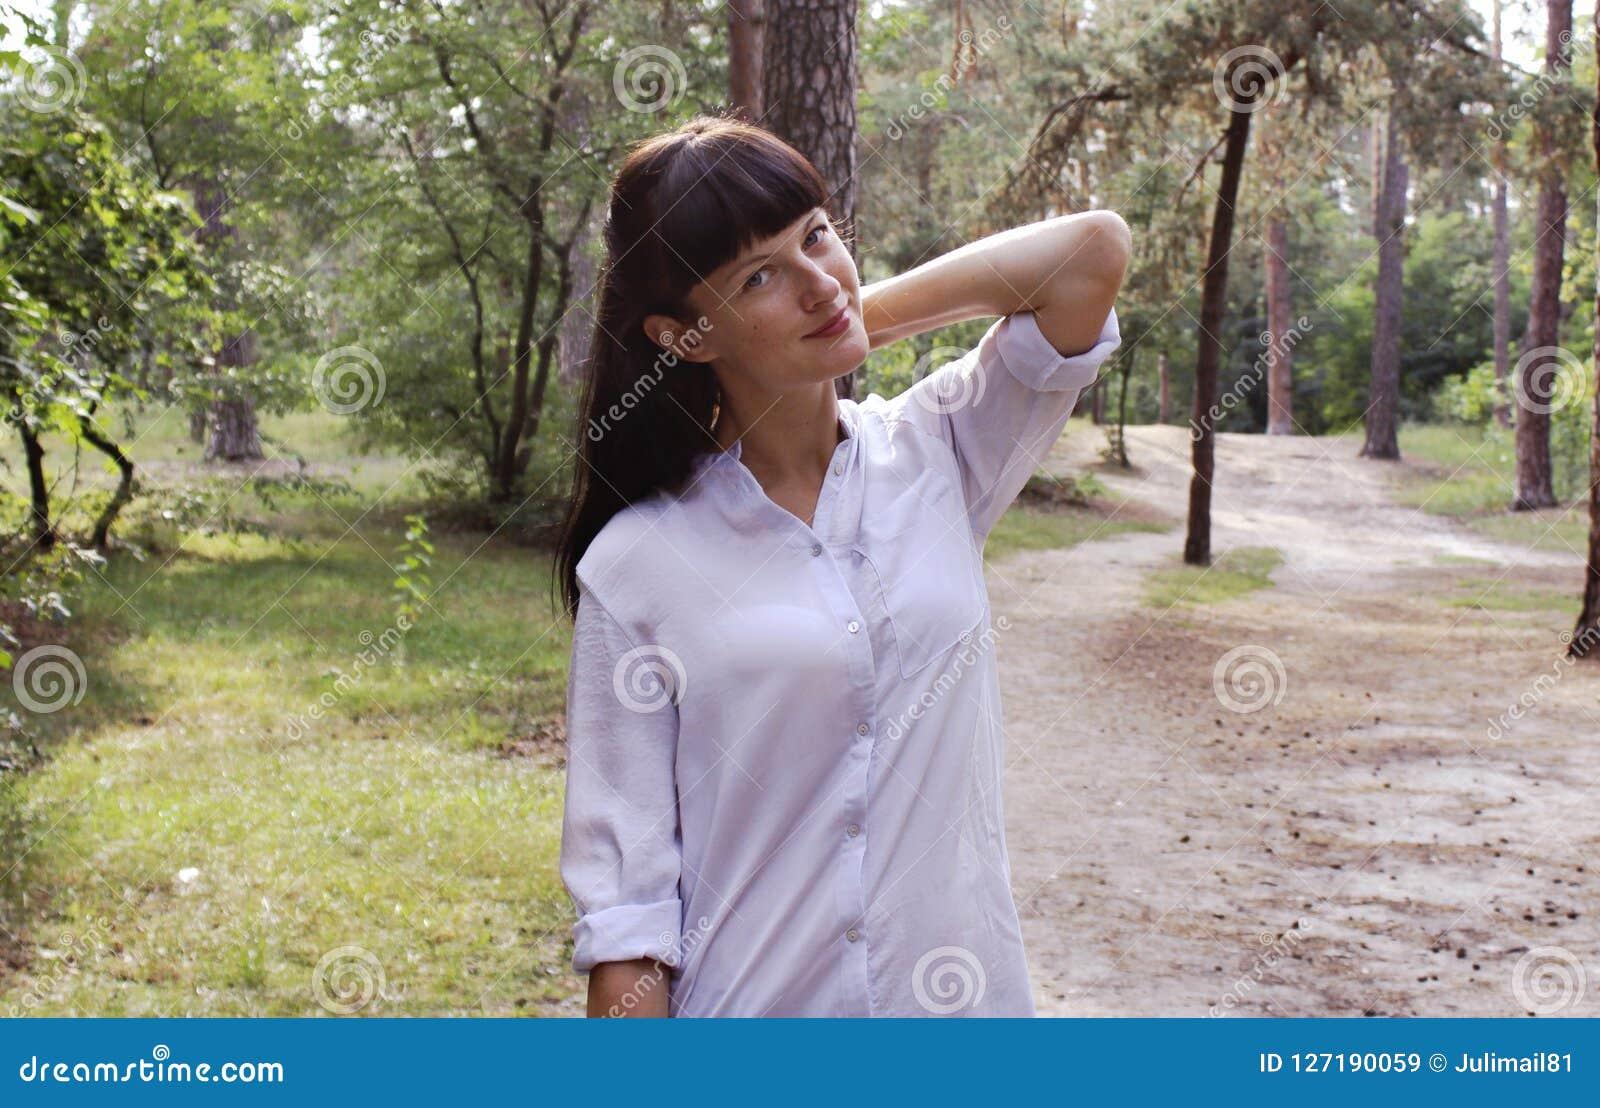 Chica joven en el parque que se coloca en el fondo del bosque